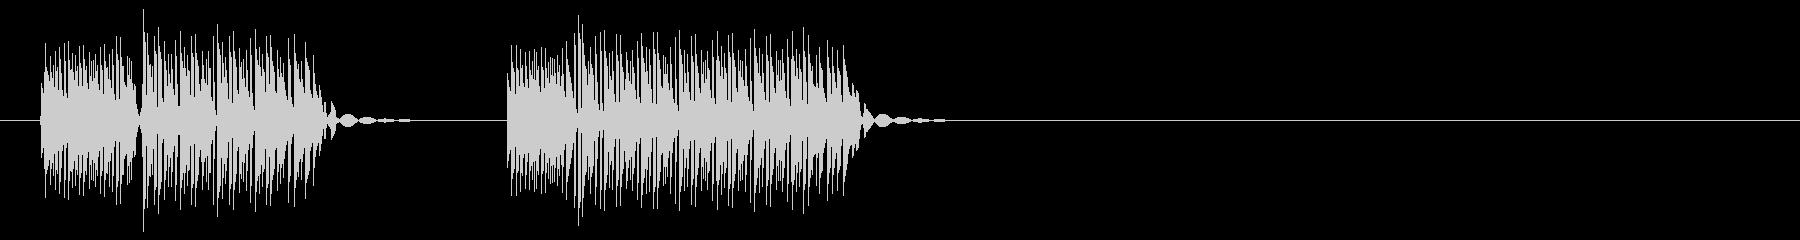 ブッブー(超ショート)の未再生の波形